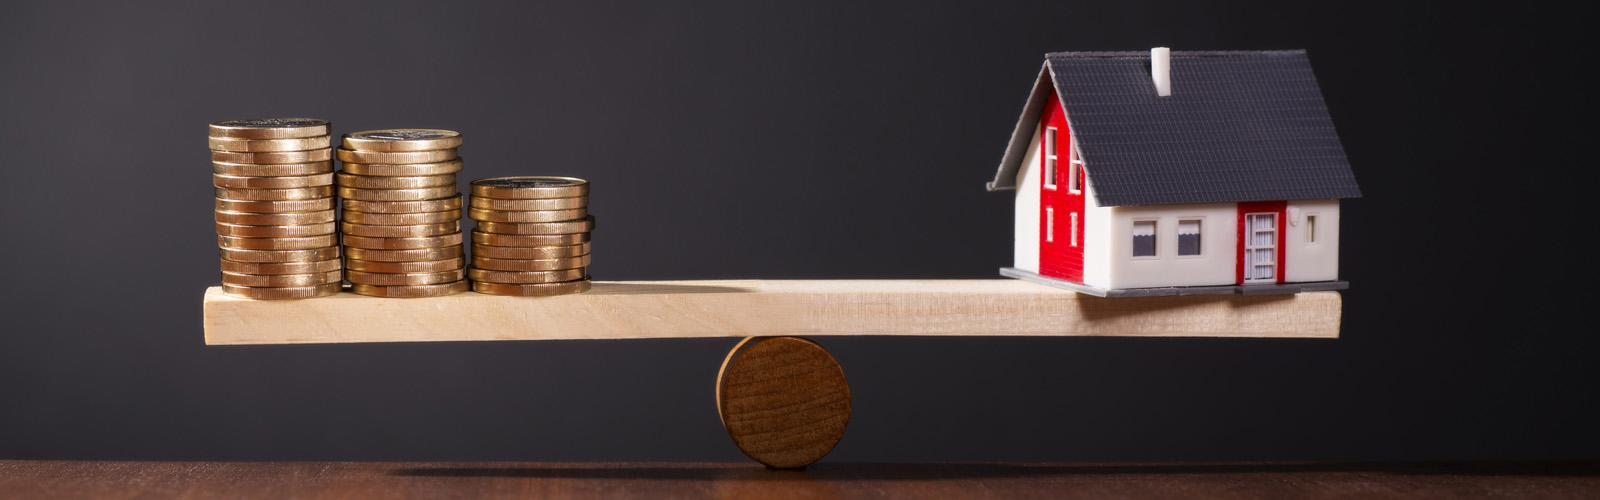 Daniel Kieck Immobilien - Wir suchen Tippgeber